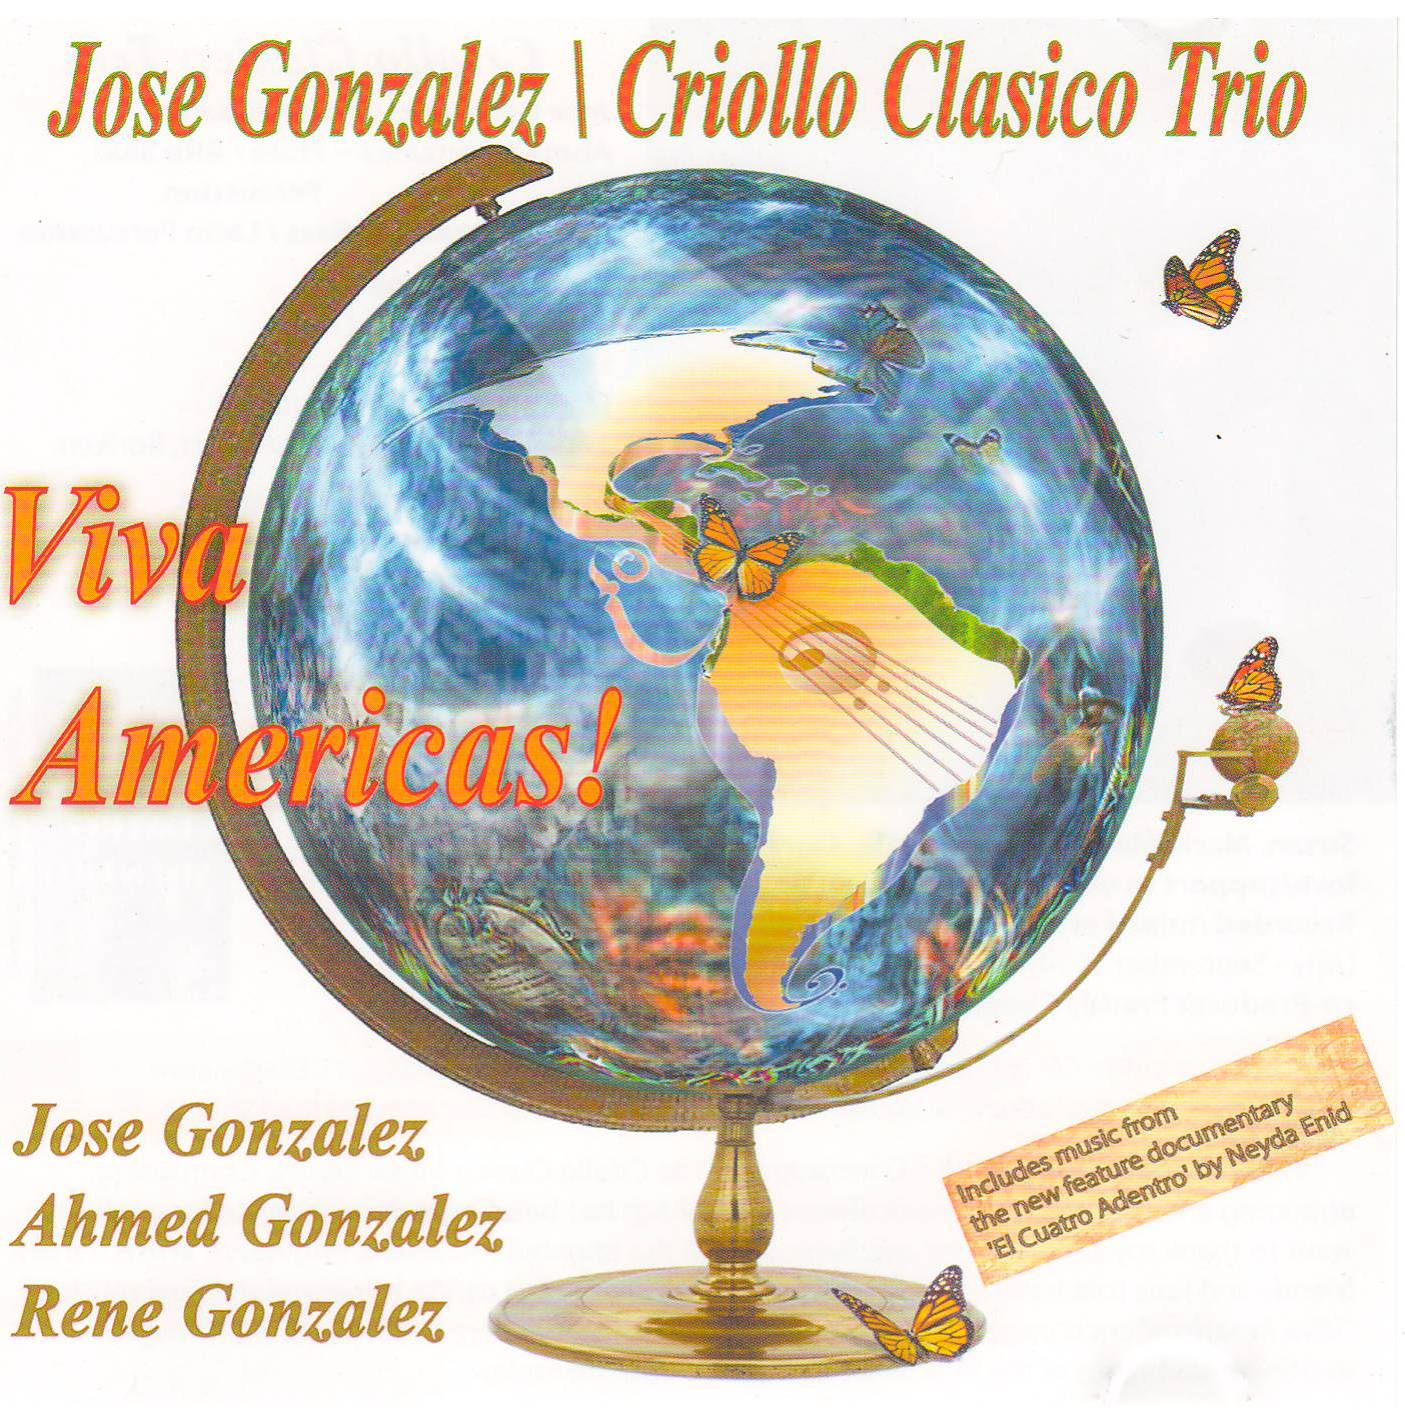 5. jose gonzalez criollo classic trio viva Americas 2014